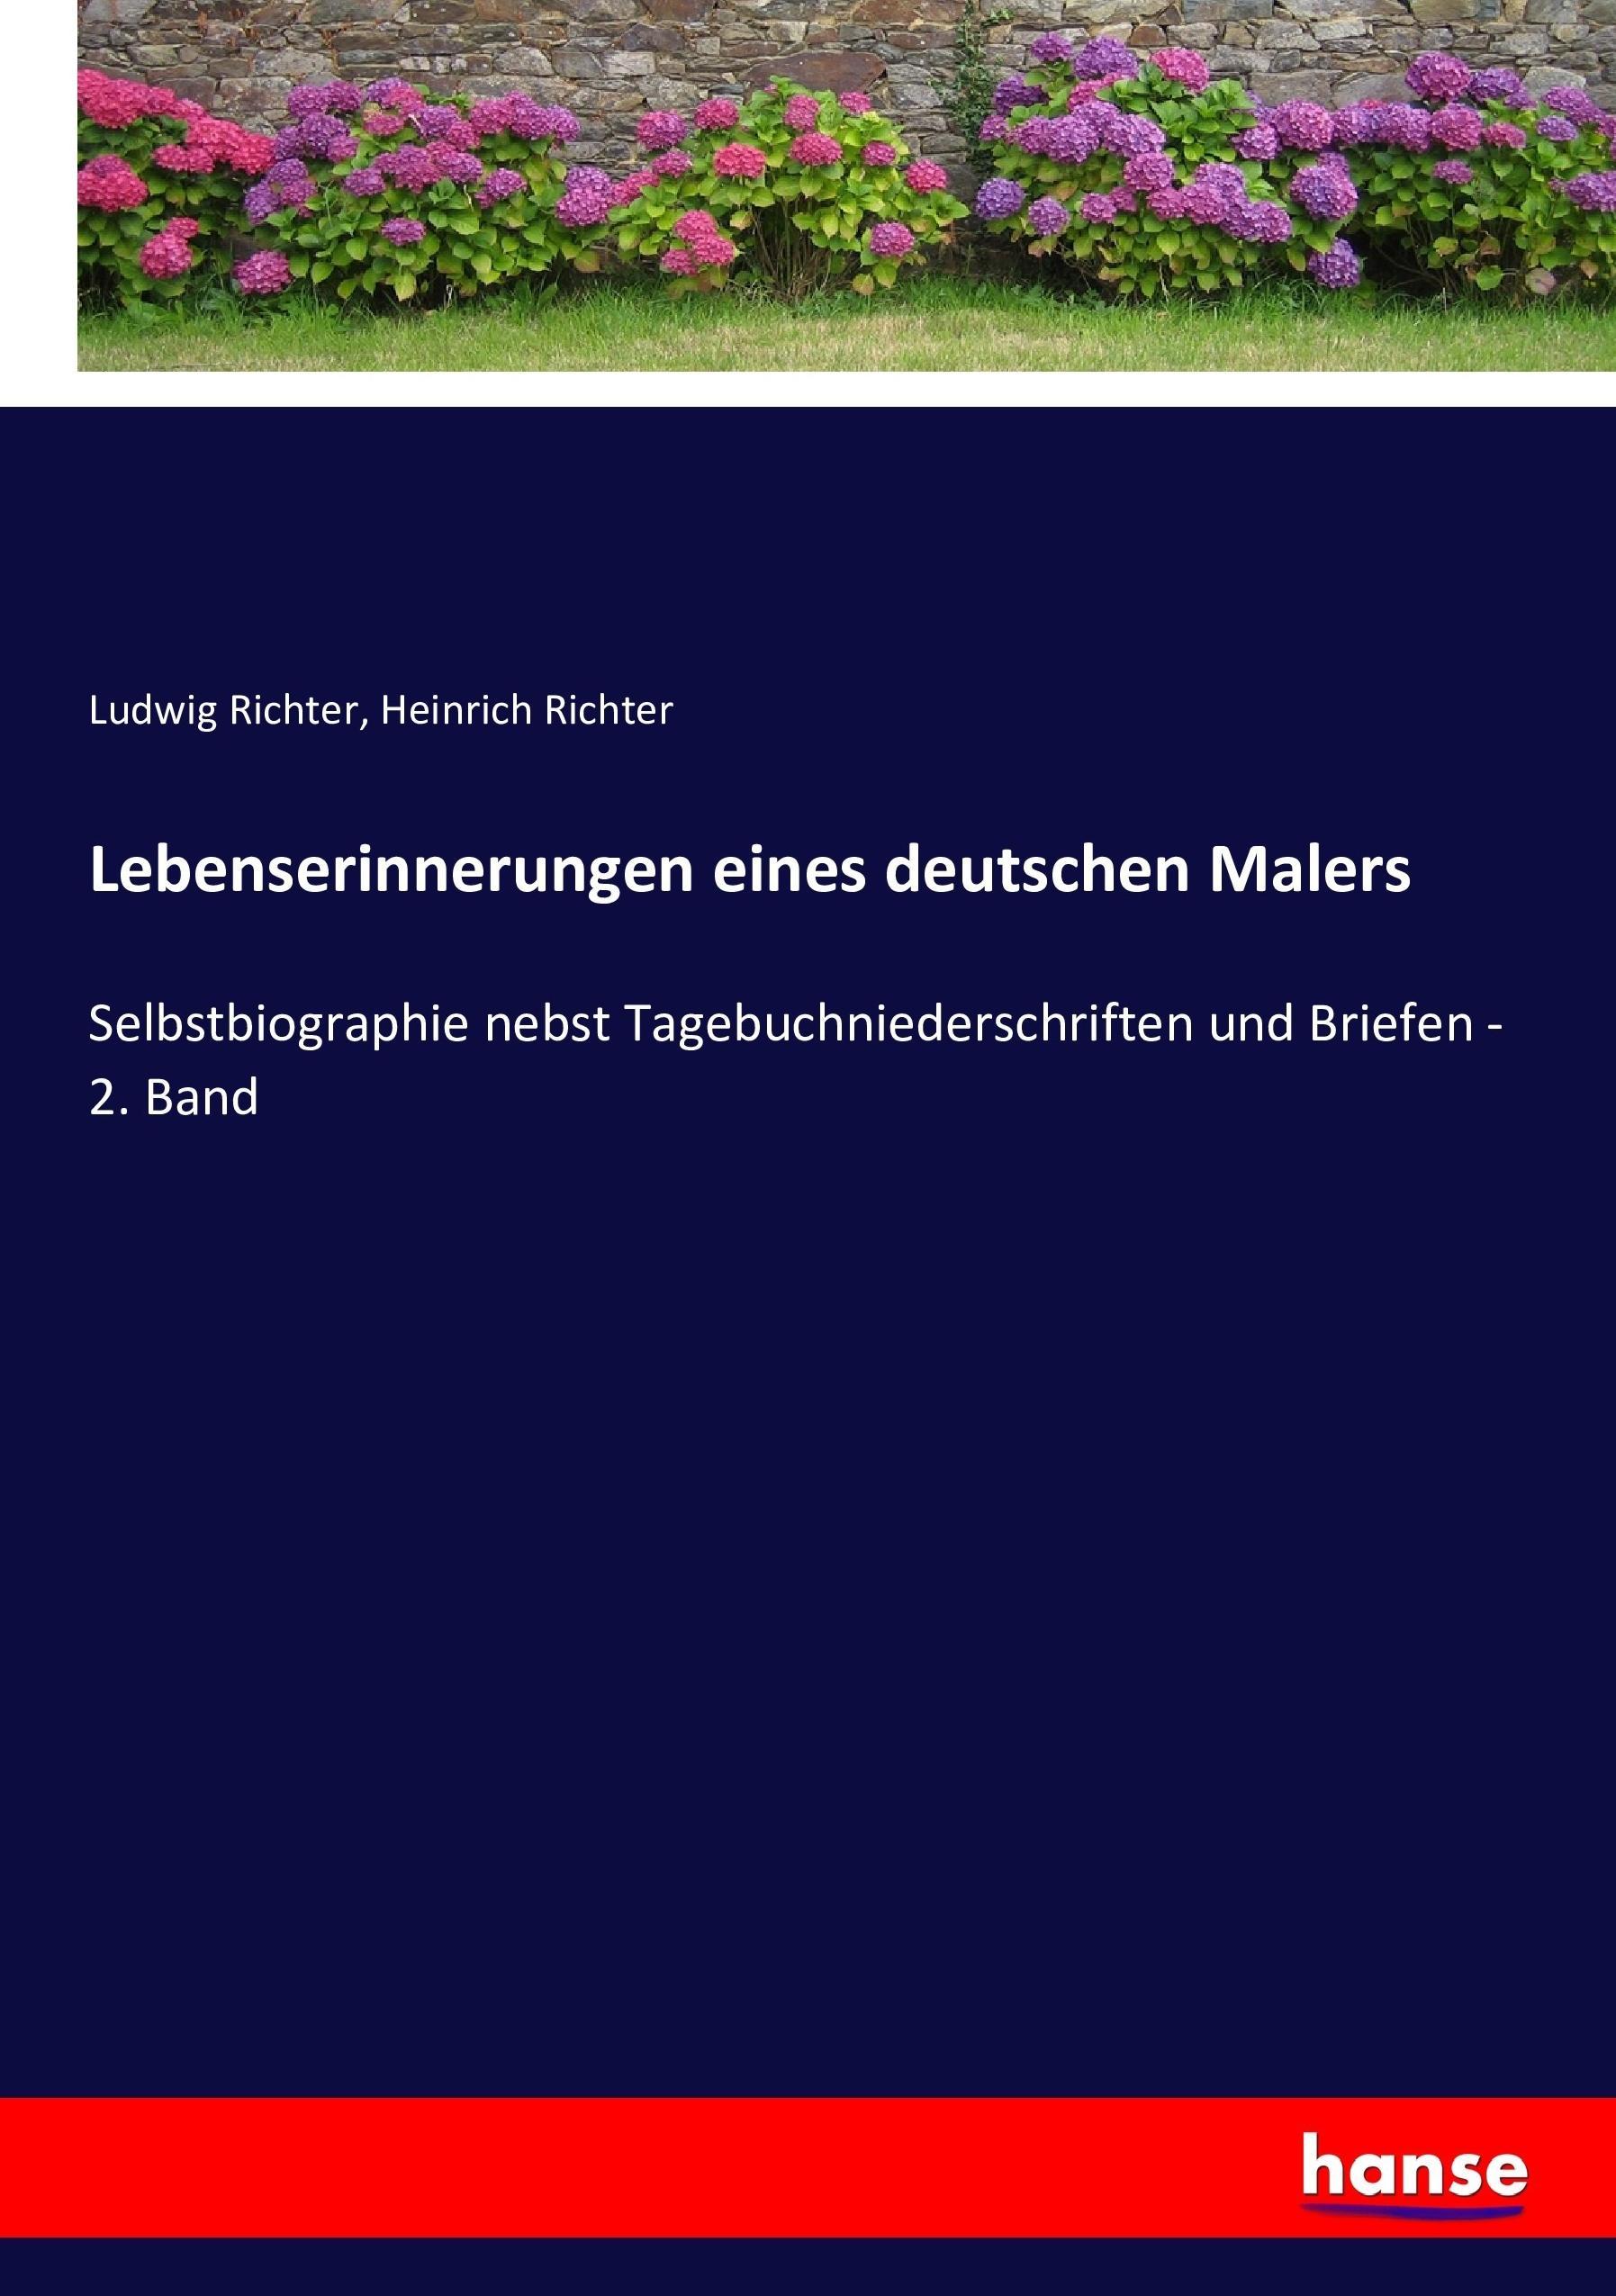 Lebenserinnerungen eines deutschen Malers - Richter, Ludwig Richter, Heinrich